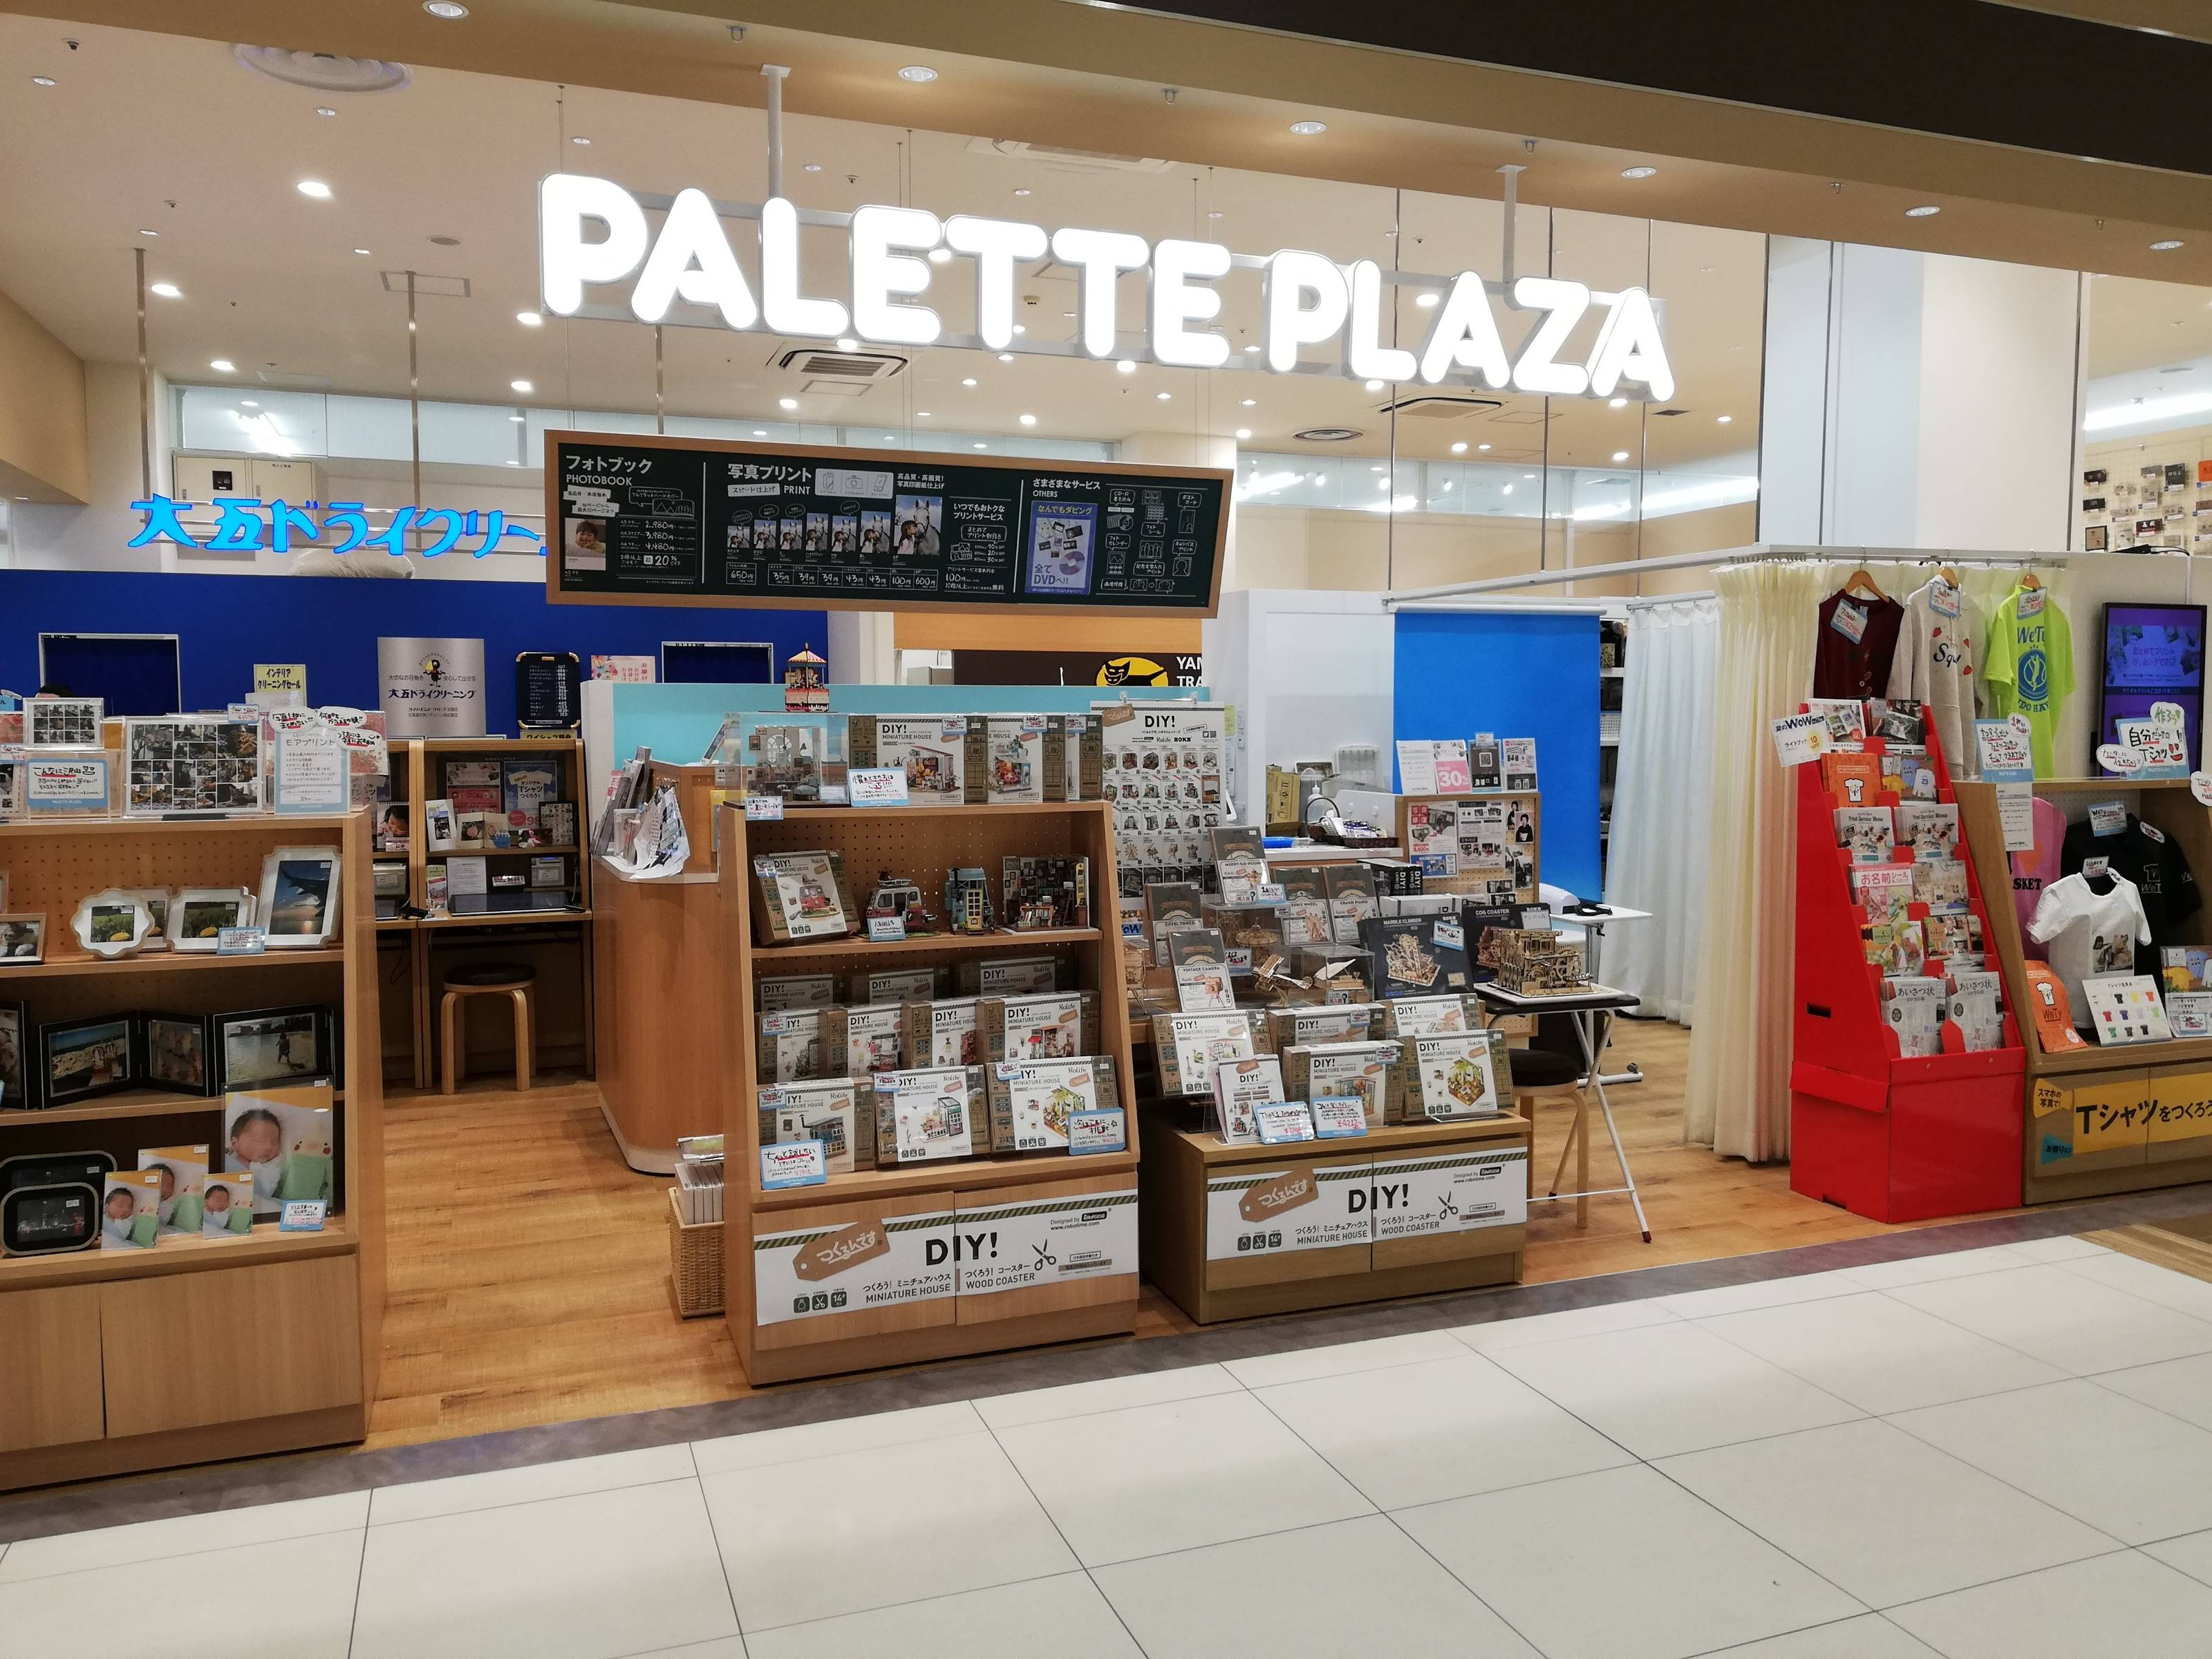 パレットプラザ アリオ札幌店